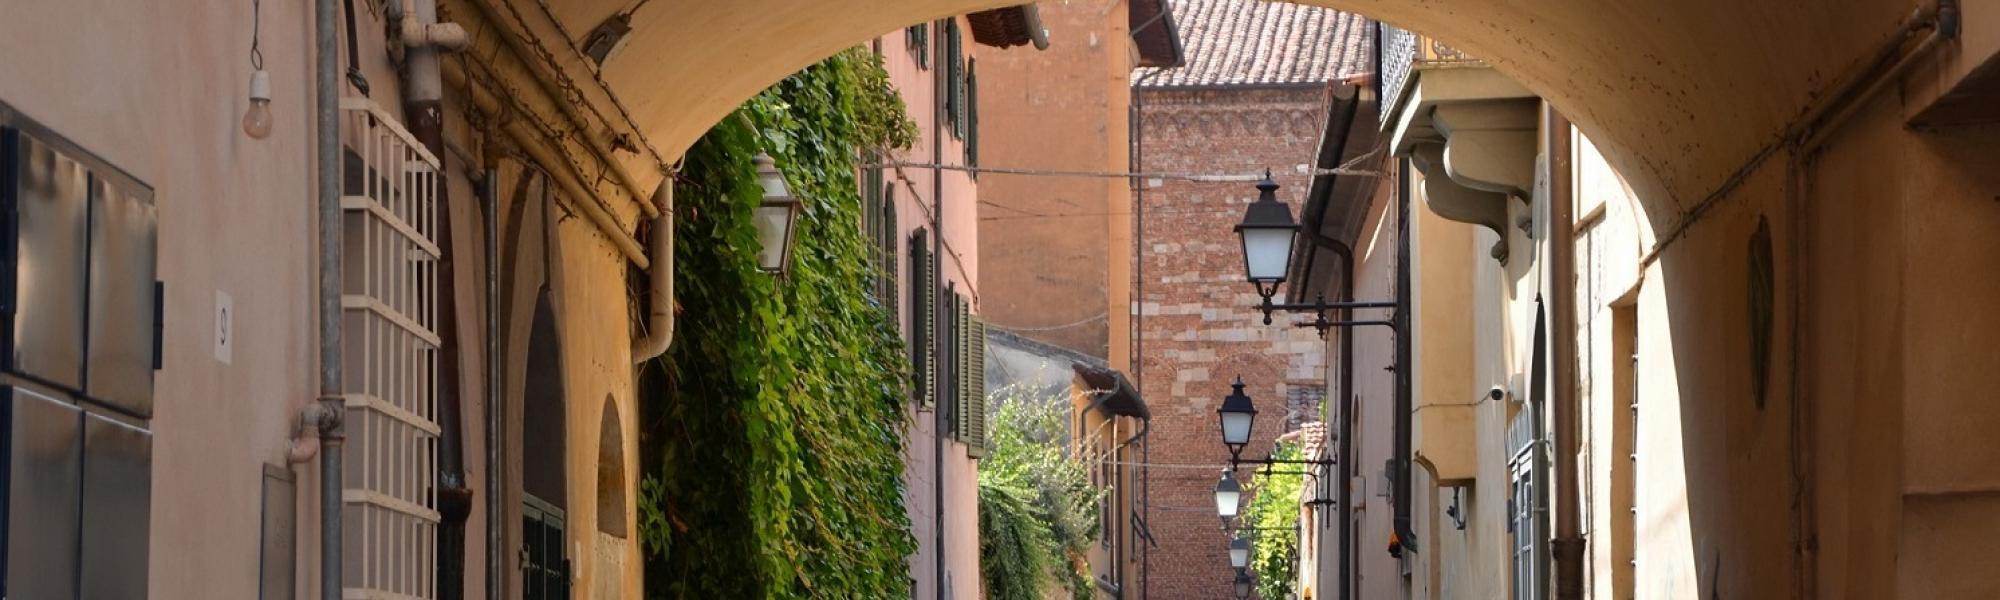 Via della Foglia (L. Corevi, Comune di Pisa)